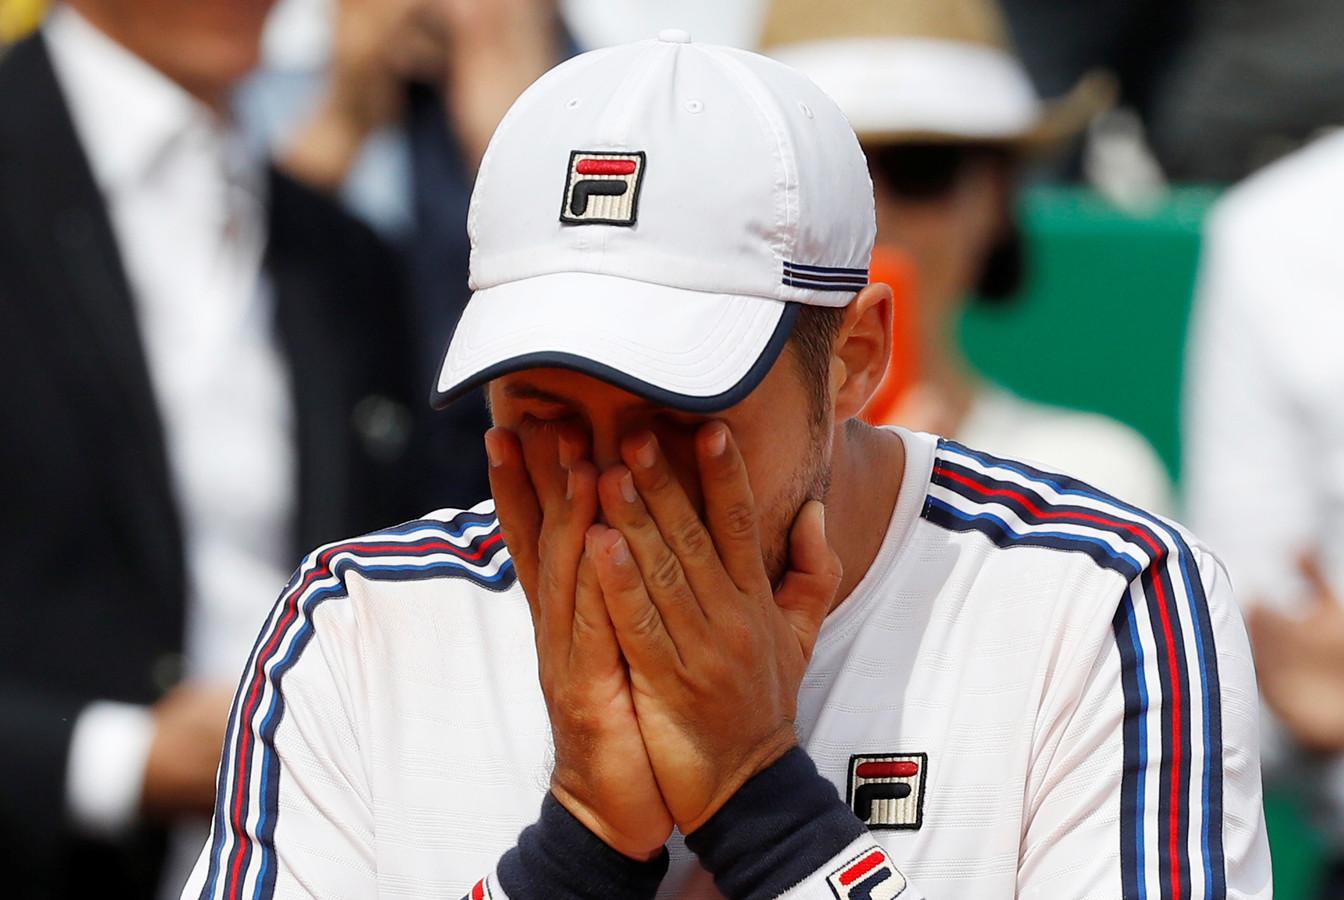 Dusan Lajovic kan nauwelijks bevatten dat hij in de finale staat in Monte Carlo.